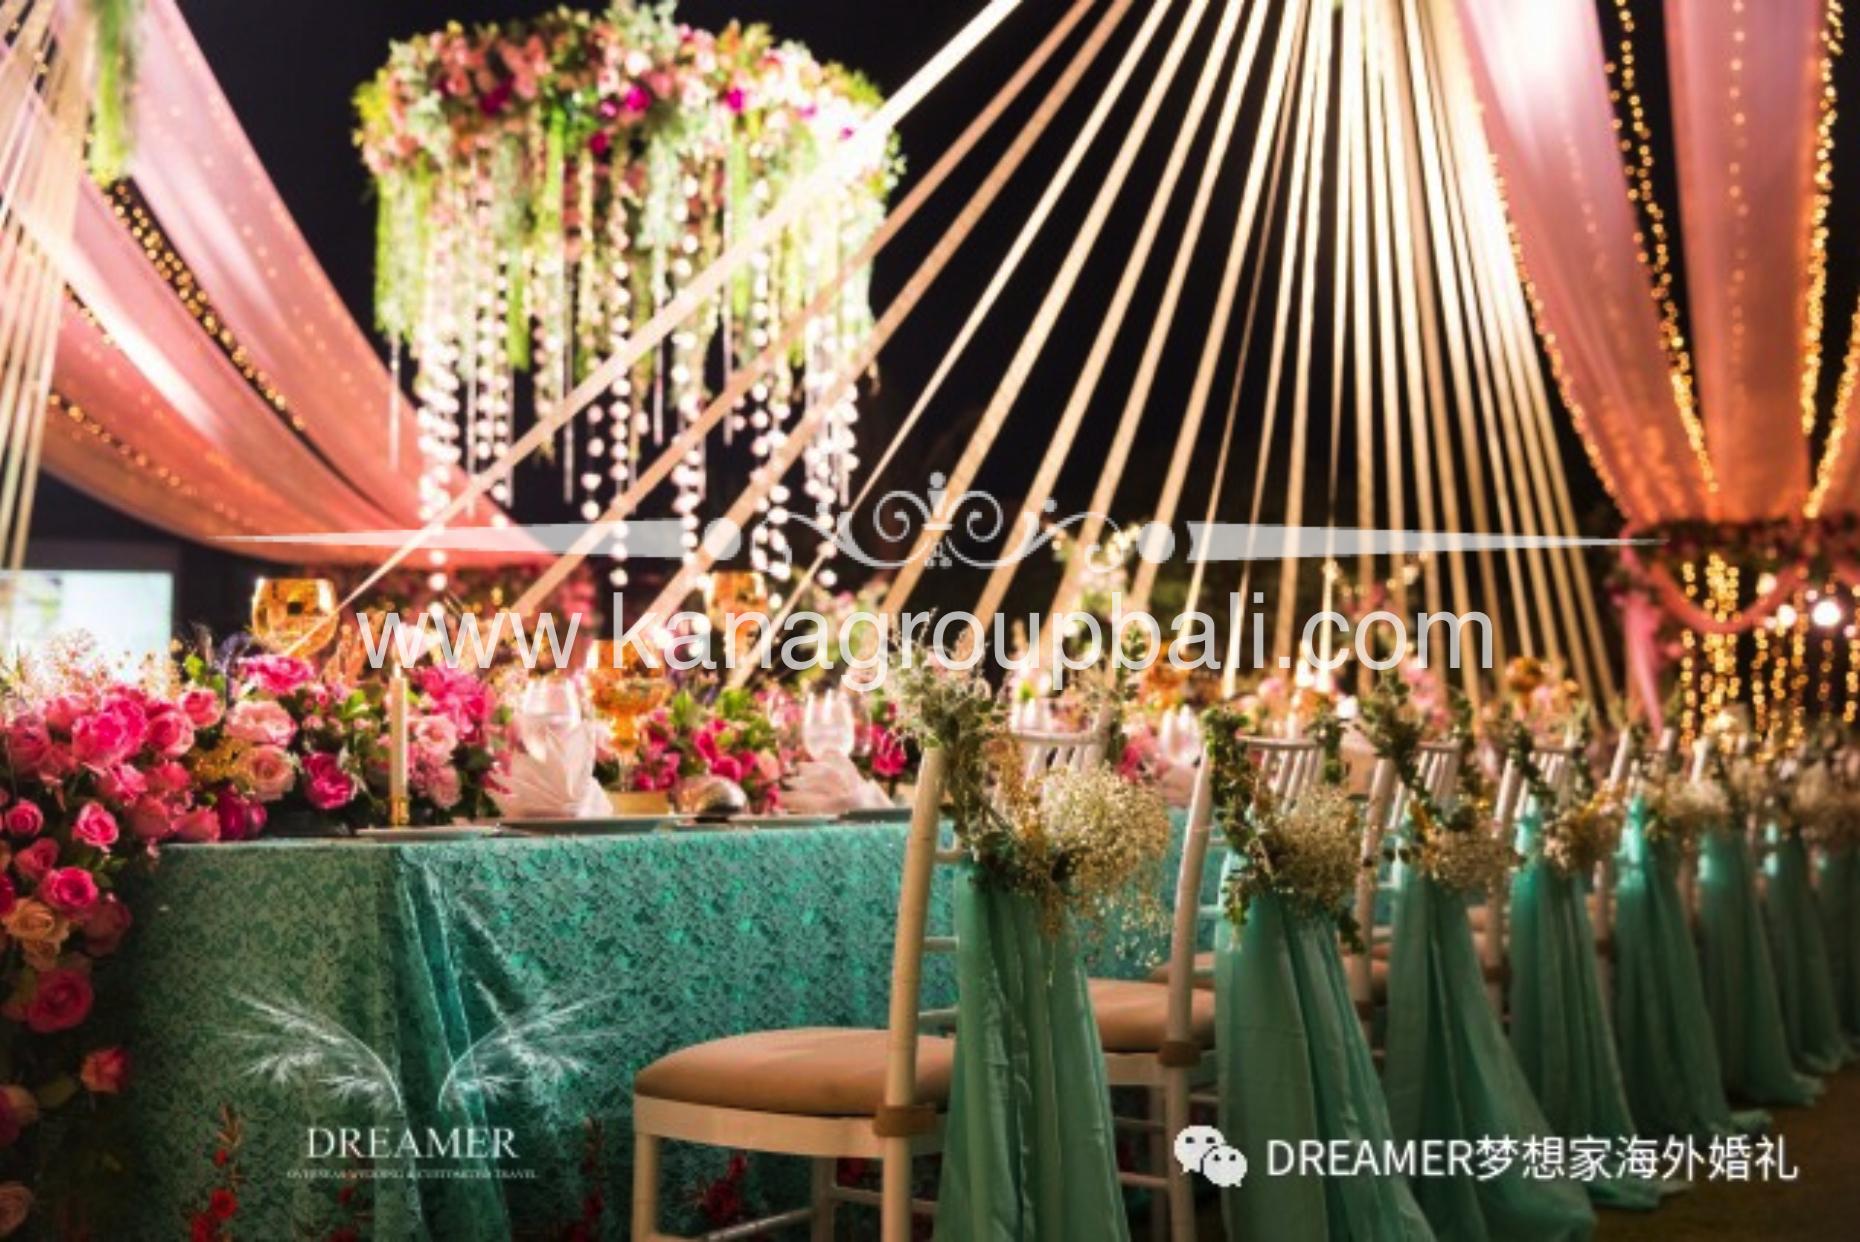 Bali wedding decoration wedding decoration lighting in bali bali wedding decoration wedding decoration lighting in bali bridestory junglespirit Choice Image